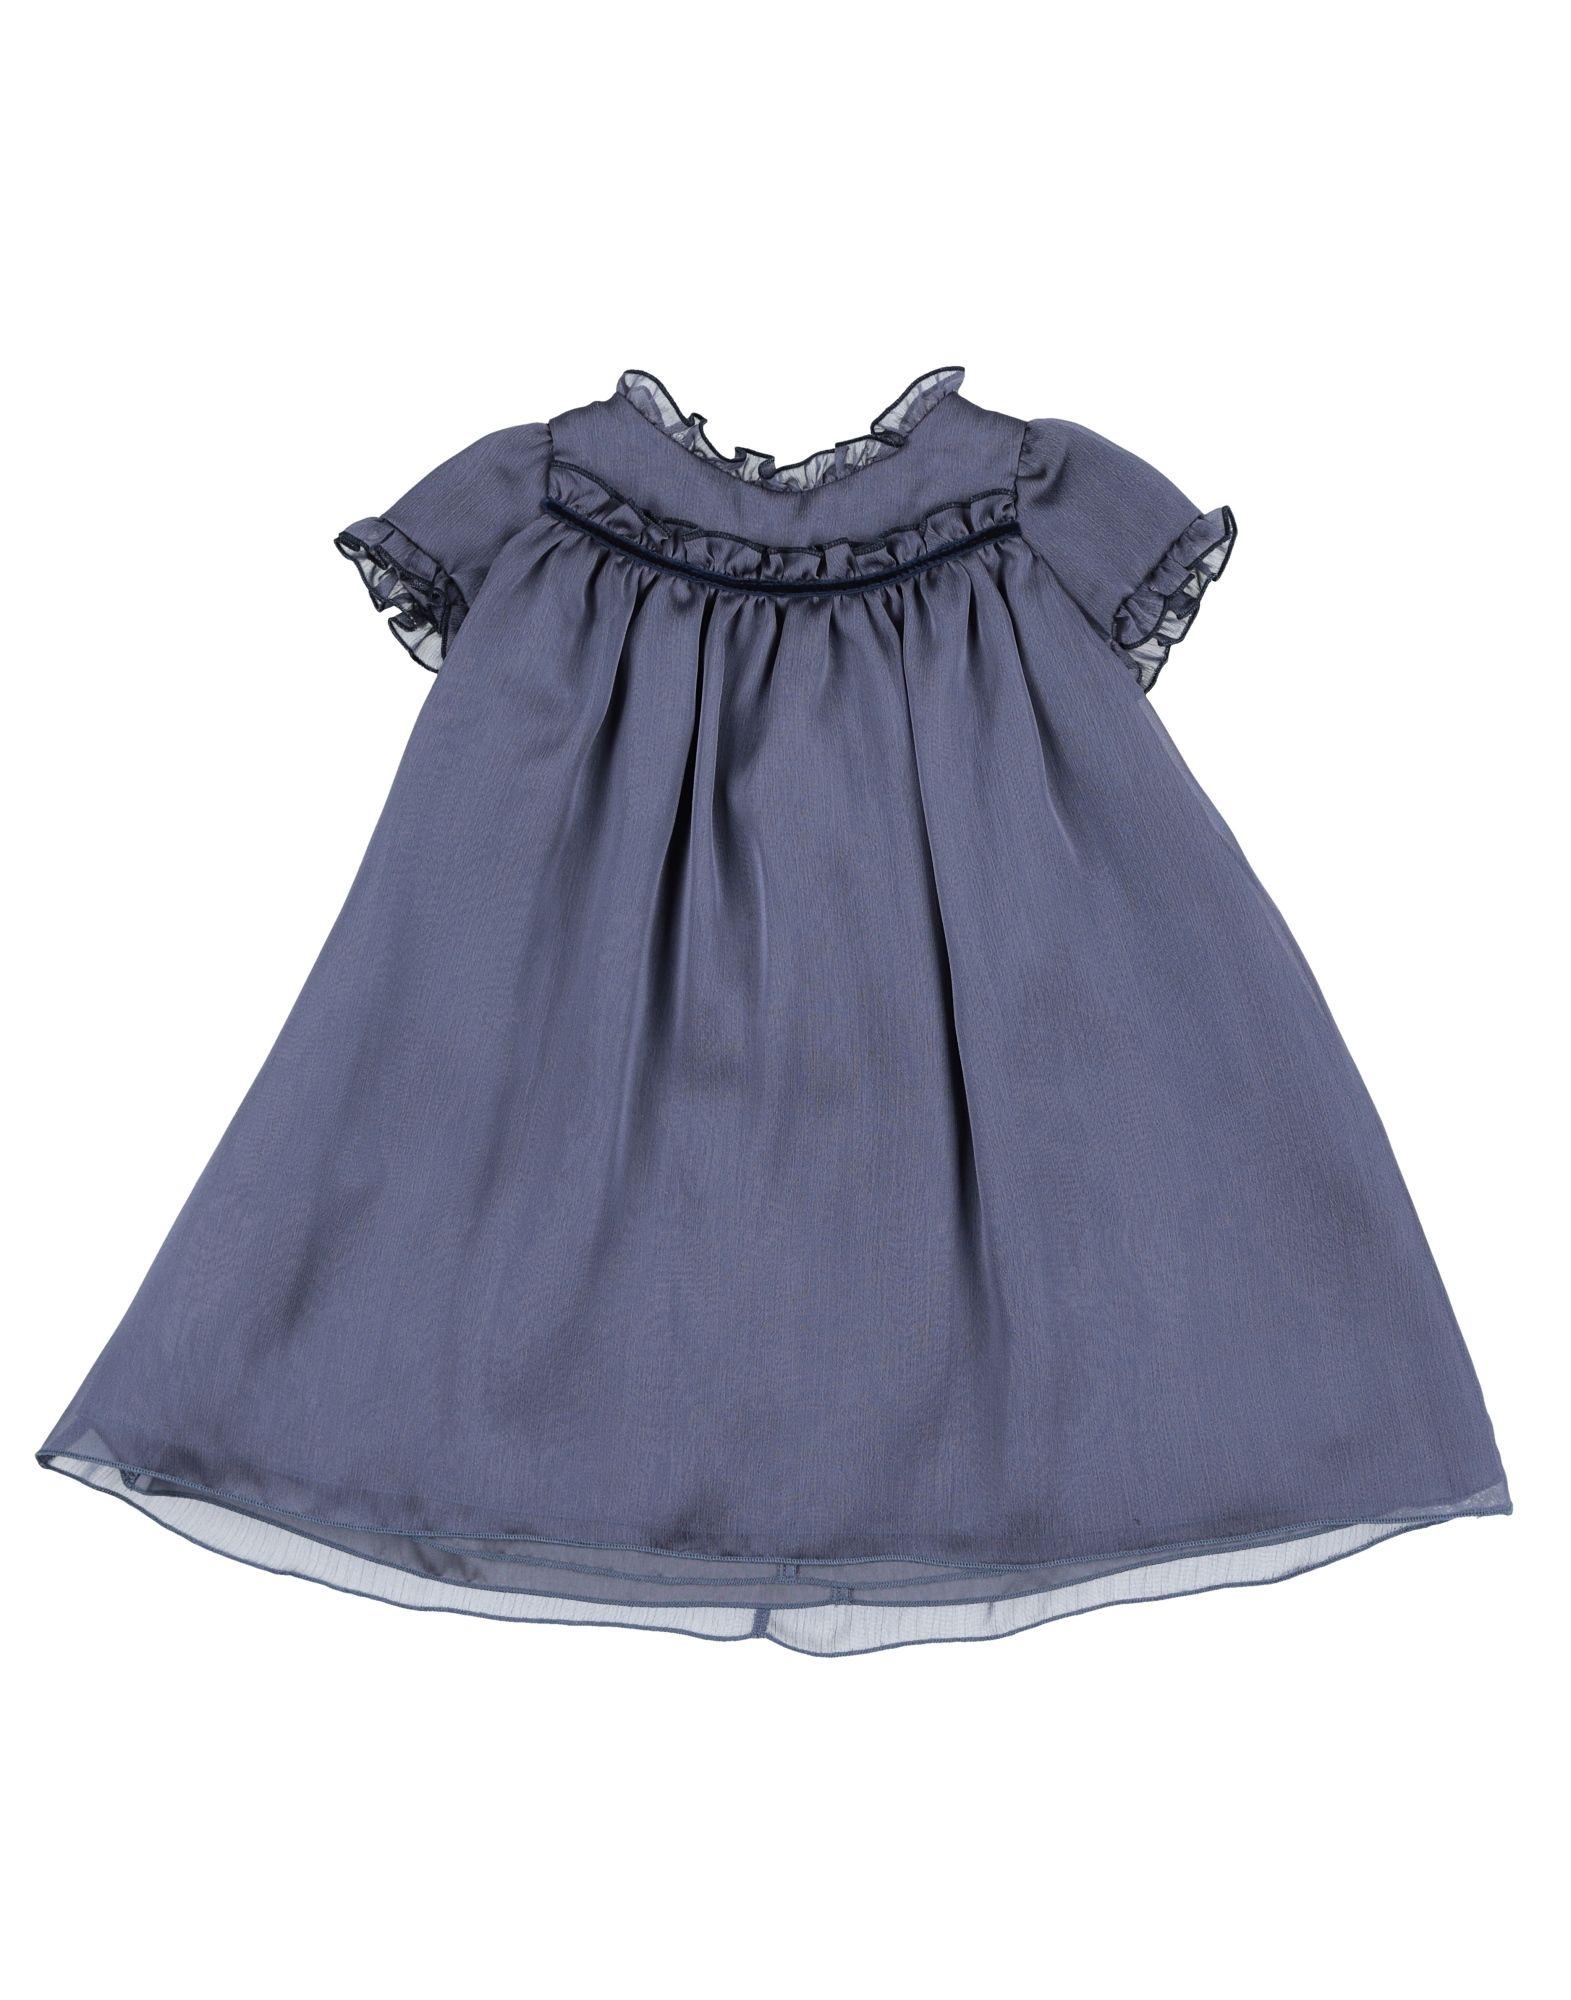 LA STUPENDERIA Dress in Blue